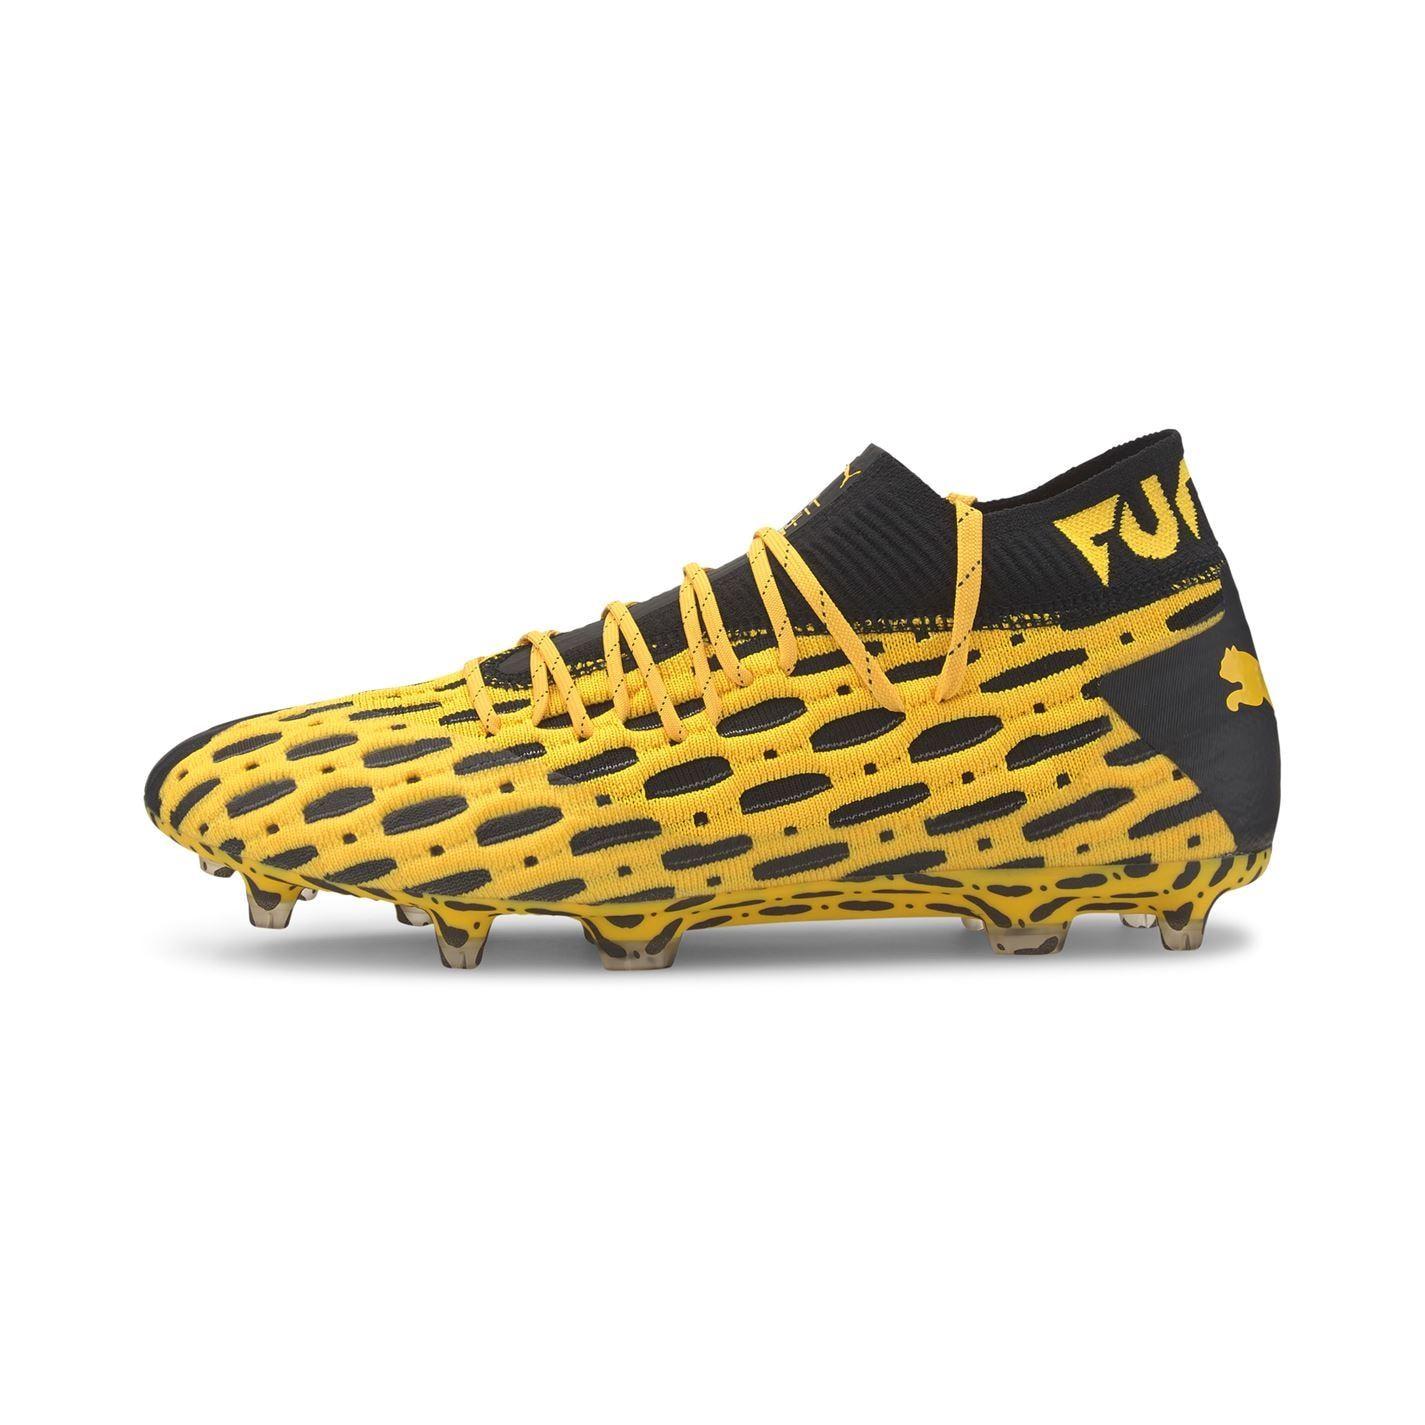 miniature 9 - Puma Future 5.1 Homme FG Firm Ground Chaussures De Football Chaussures de Foot Crampons Baskets